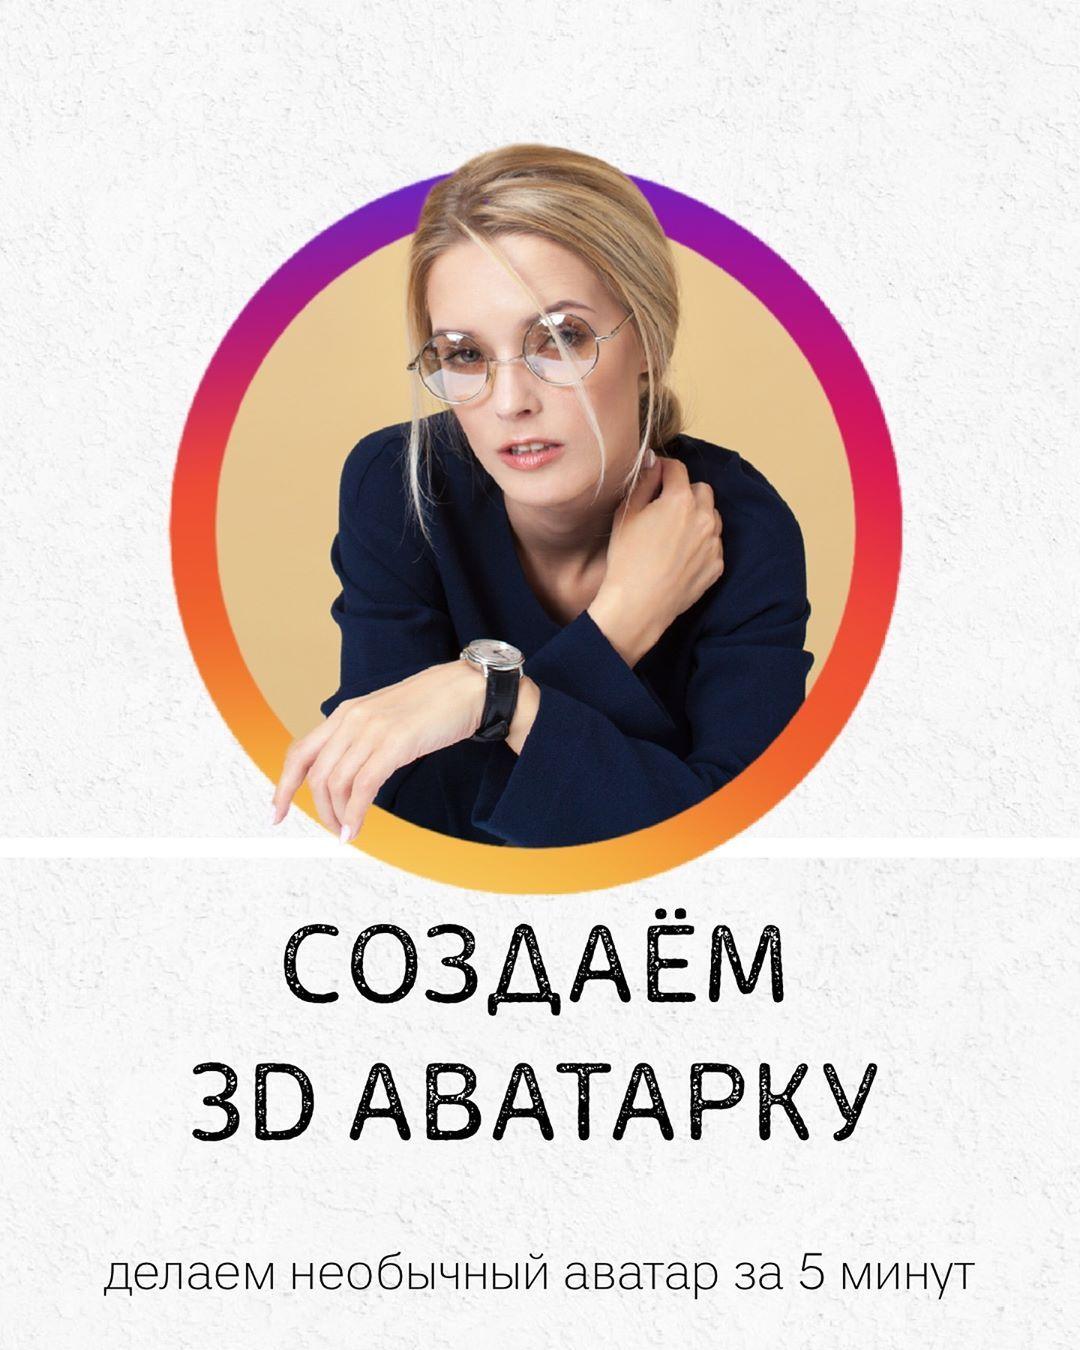 Сделать аватарку с 2 фотографиями | 1350x1080